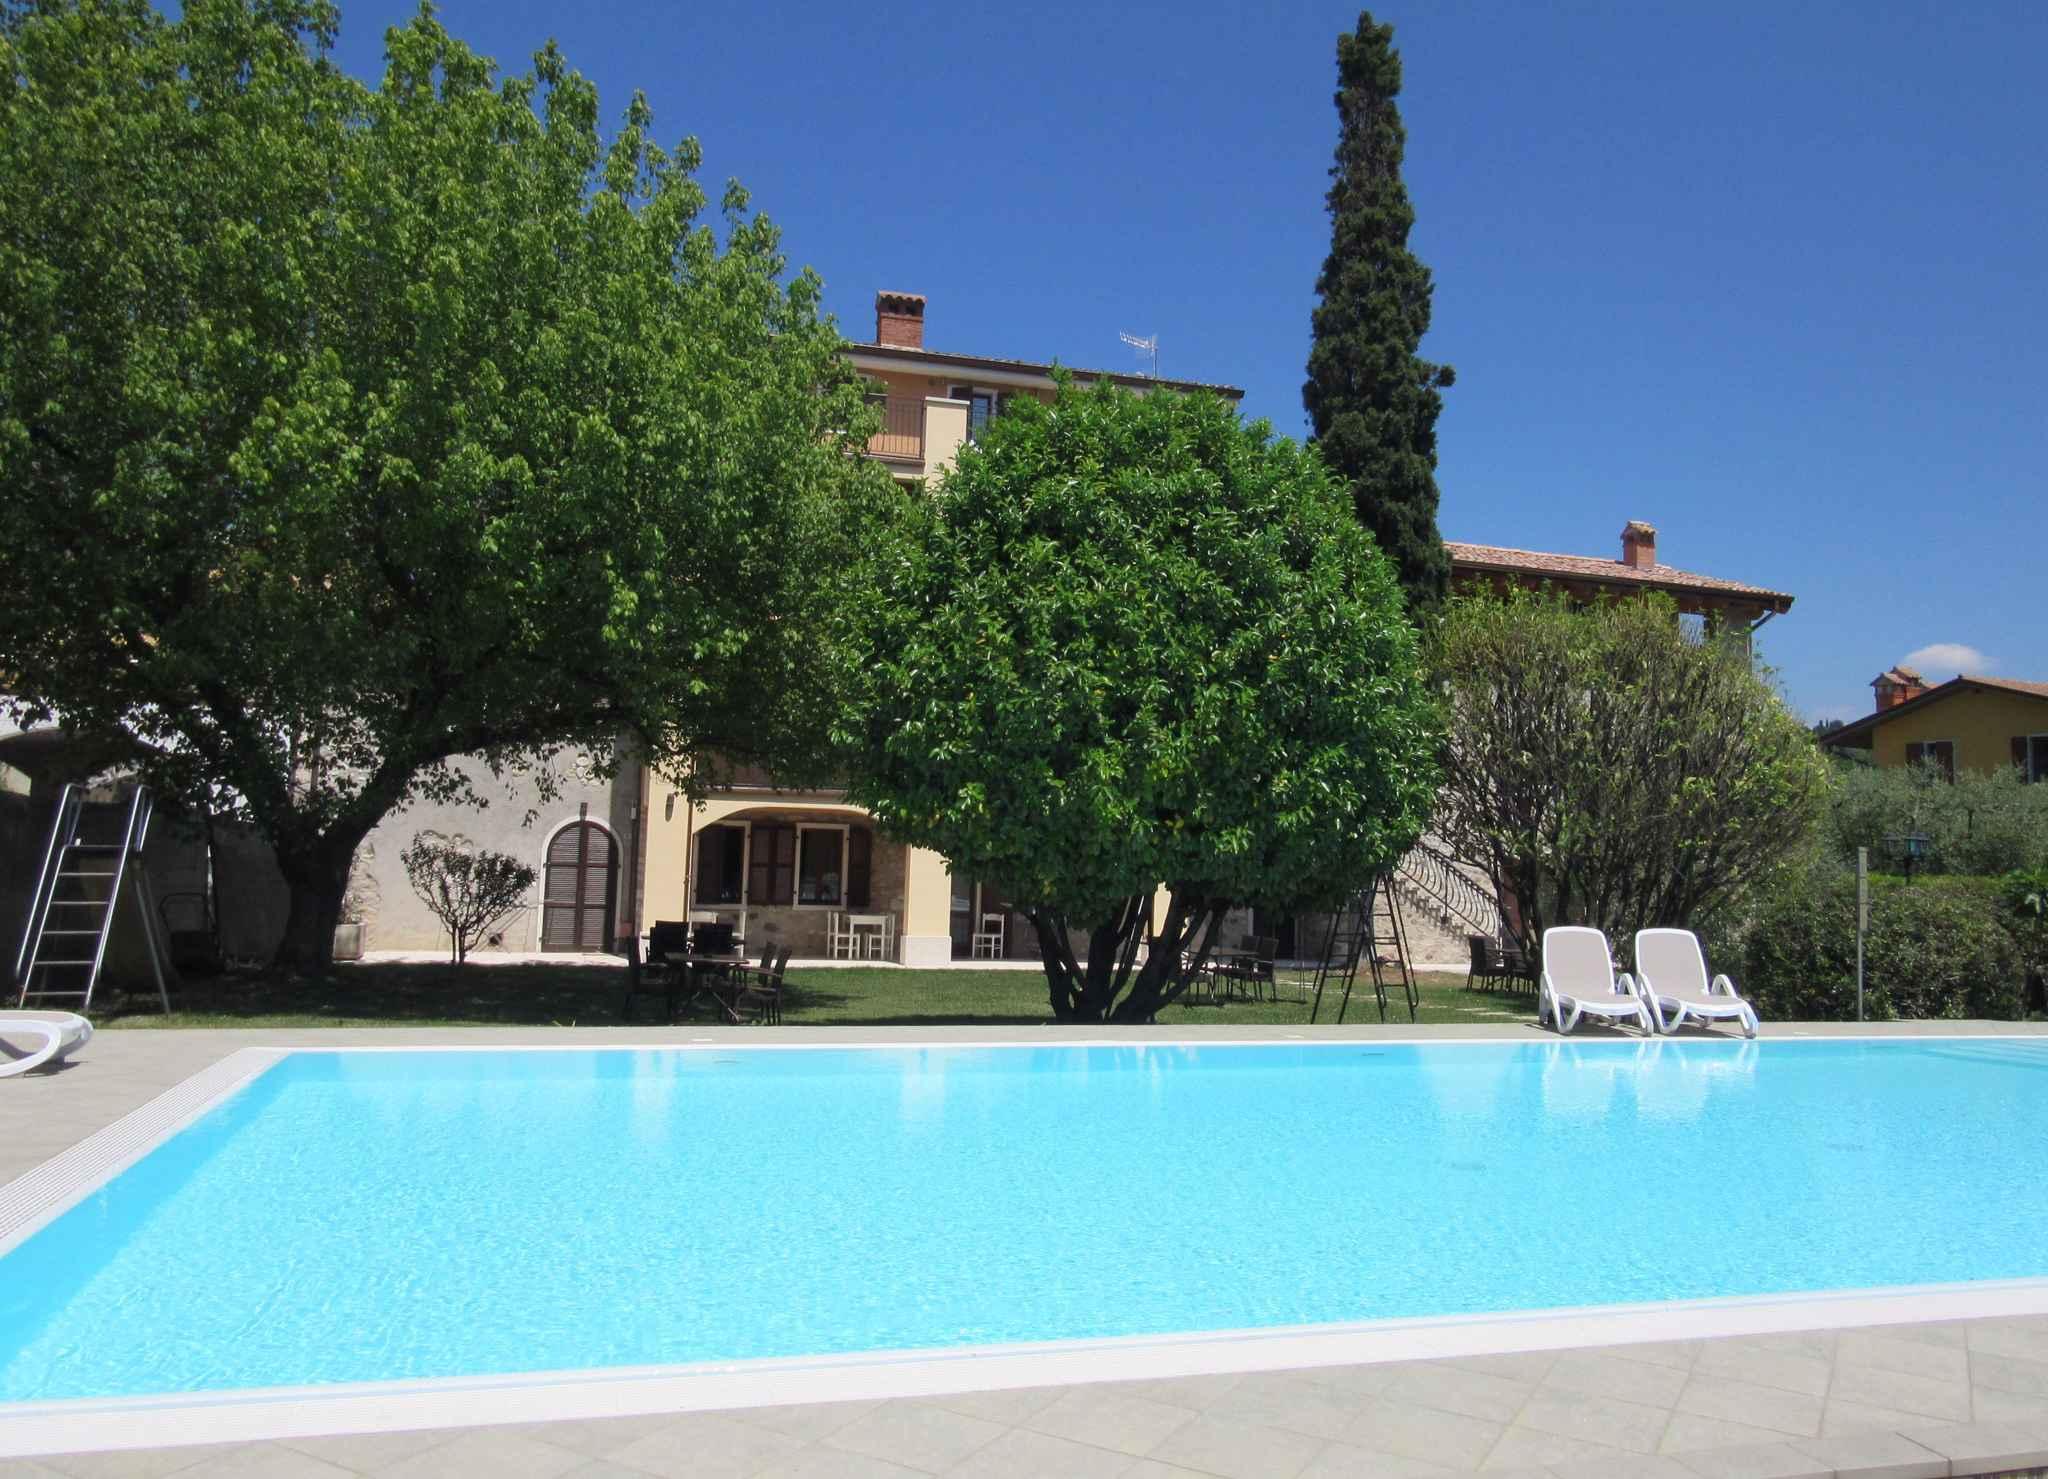 Ferienwohnung Residenz Rustico (279544), Garda, Gardasee, Venetien, Italien, Bild 9